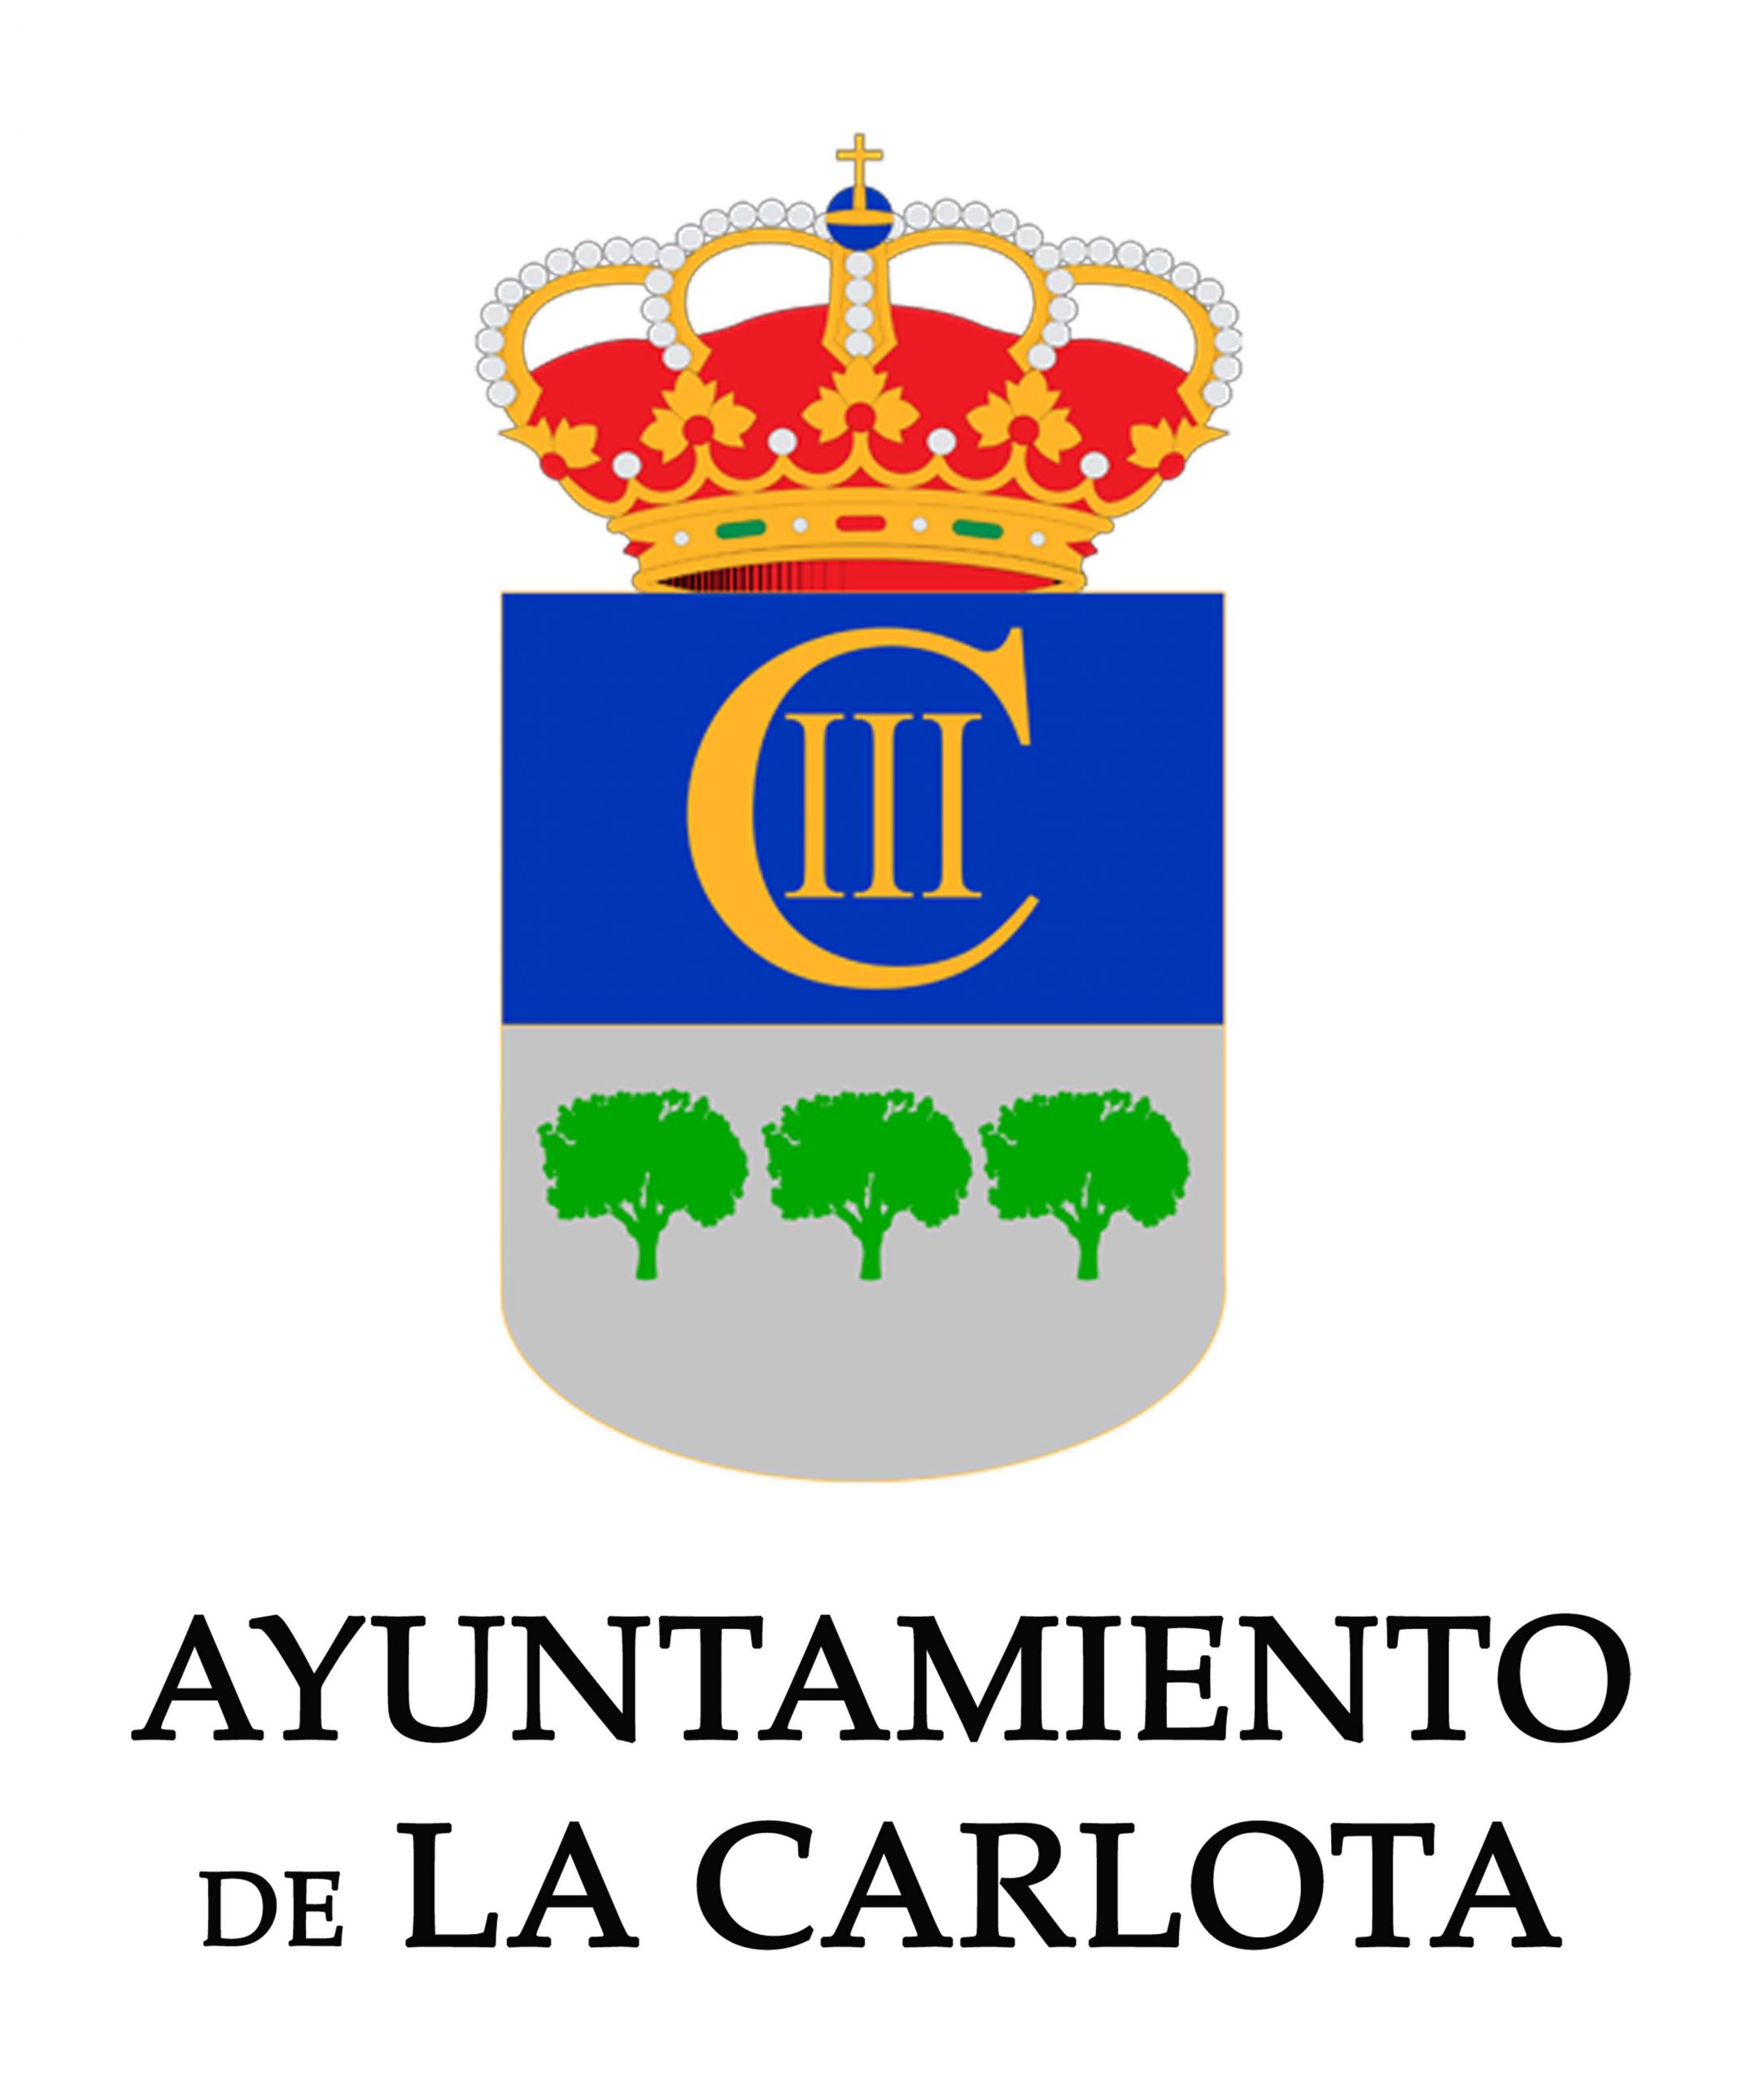 LA CARLOTA CUENTA CON TRES NUEVOS POSITIVOS DE COVID-19 1